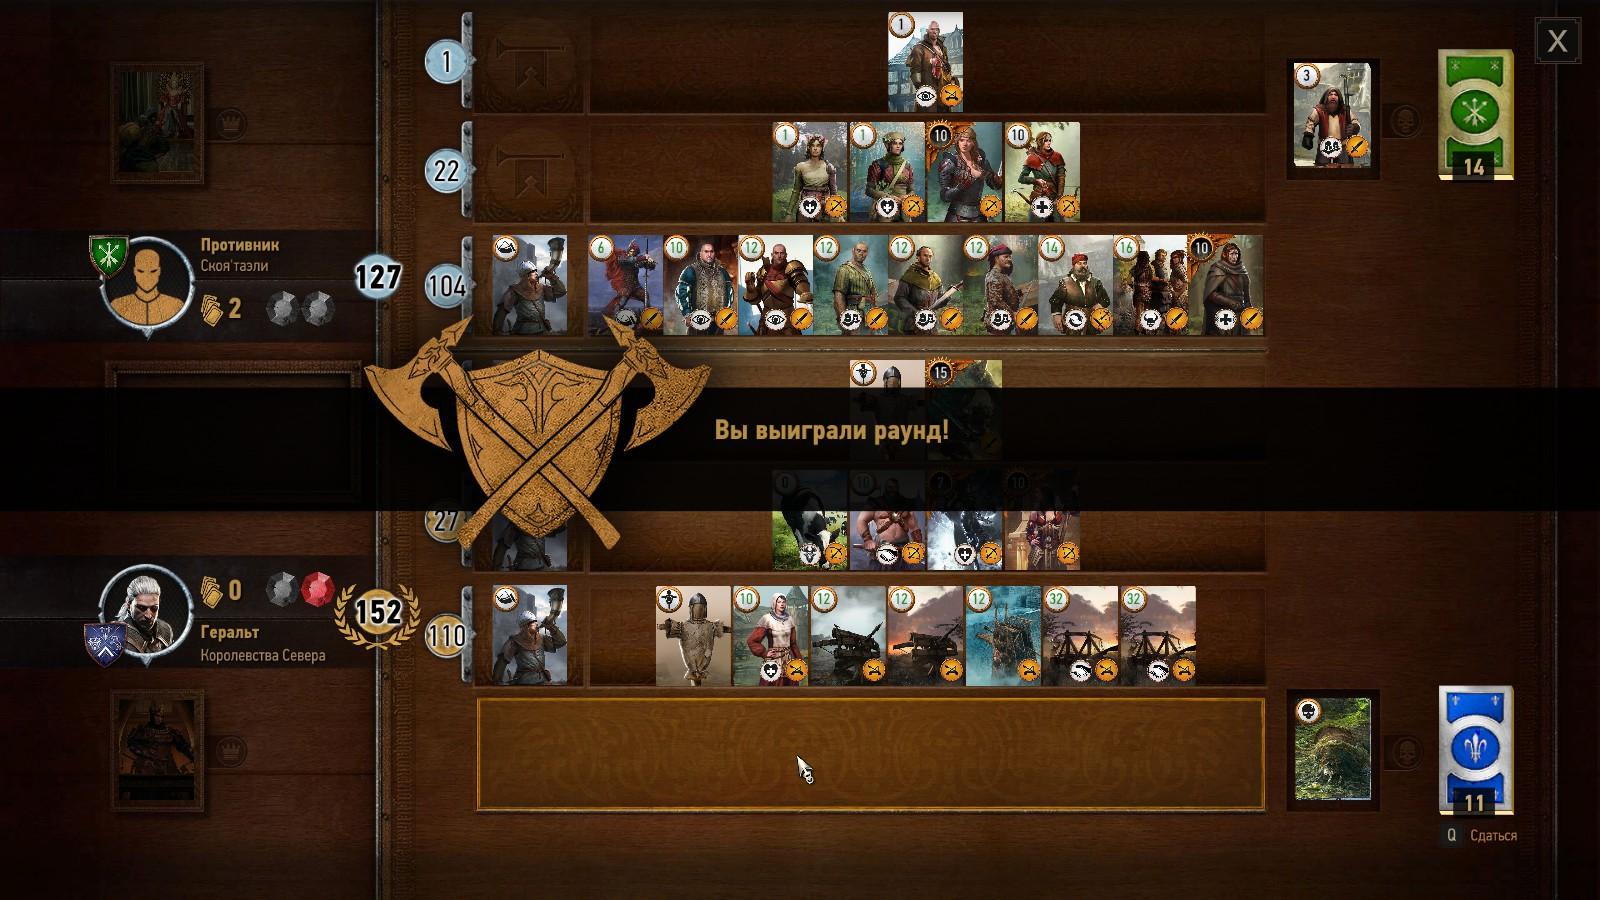 20170207230025_1.jpg - Witcher 3: Wild Hunt, the